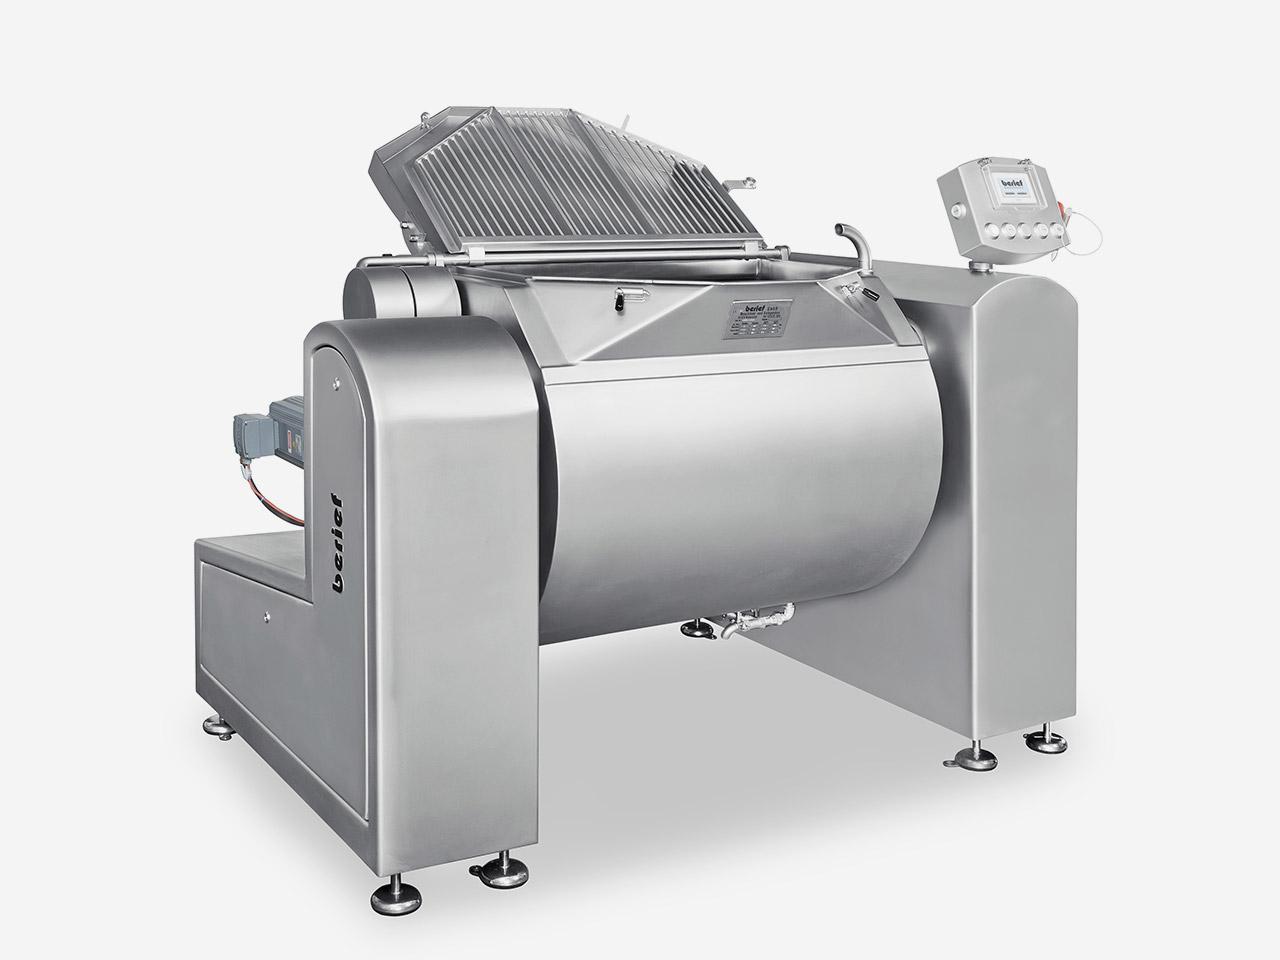 Kippkochkessel - KIPPKO - auch in kleinerer Ausführung lieferbar.